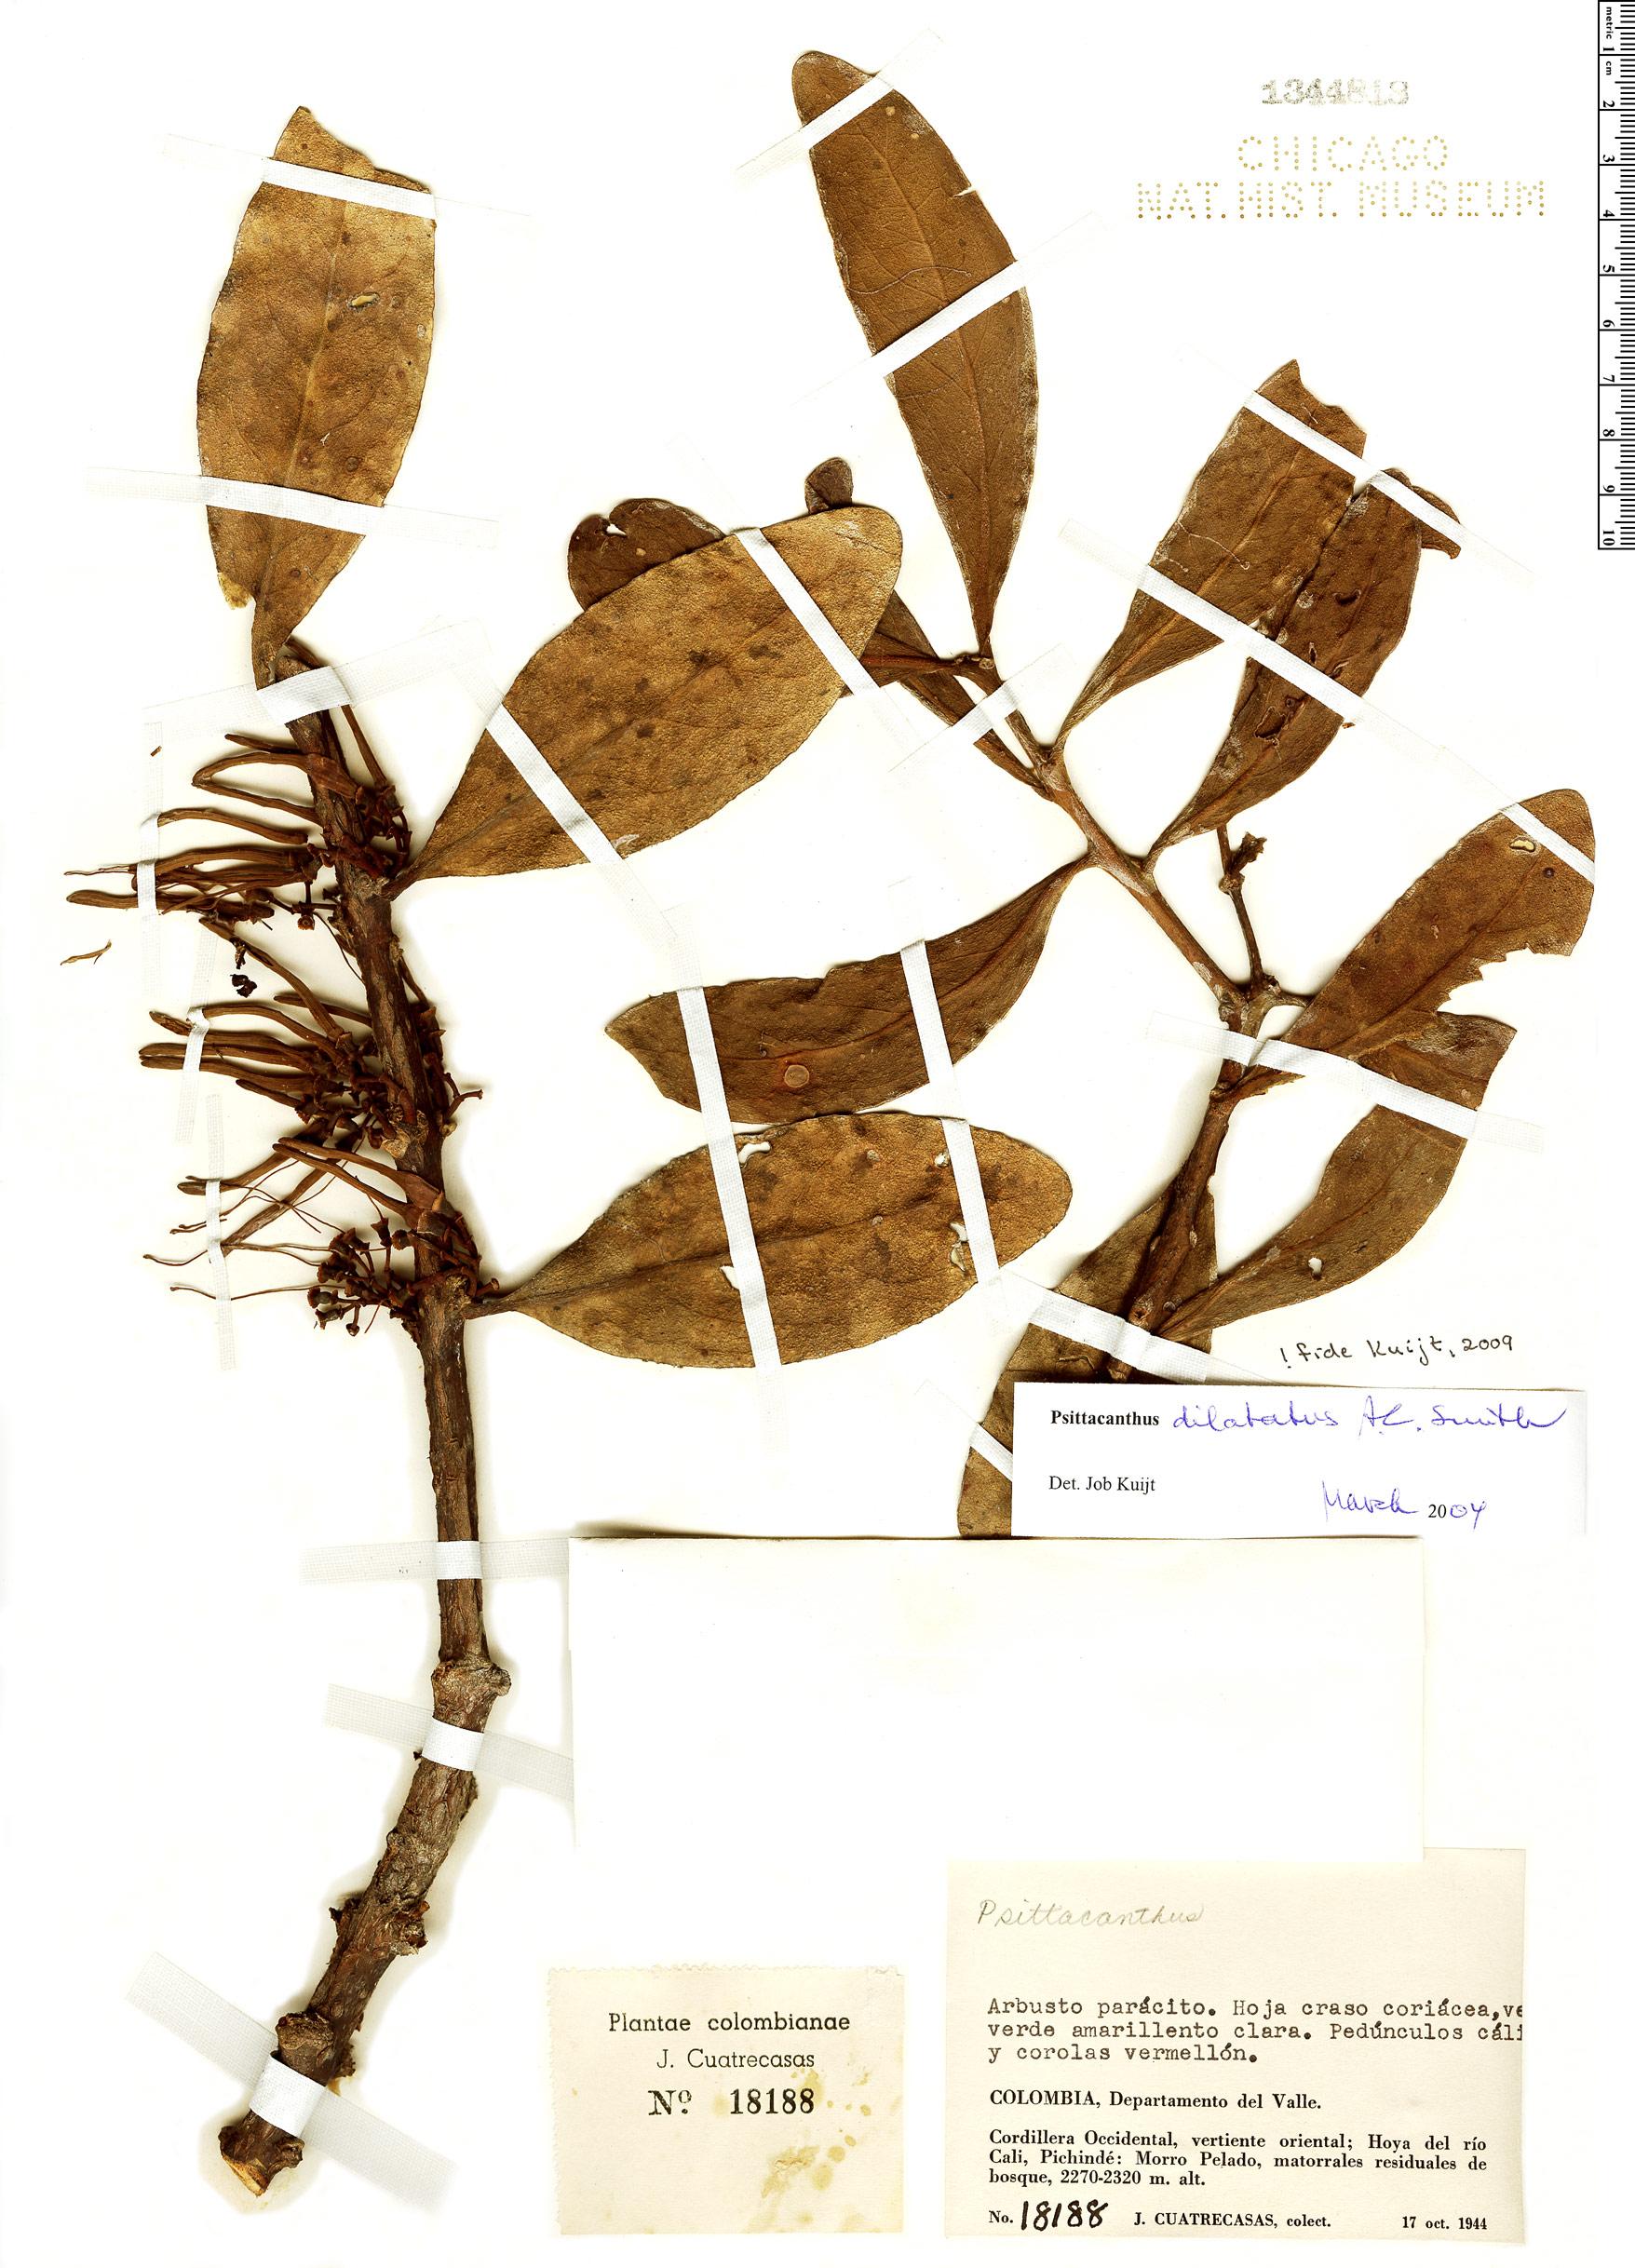 Specimen: Psittacanthus dilatatus